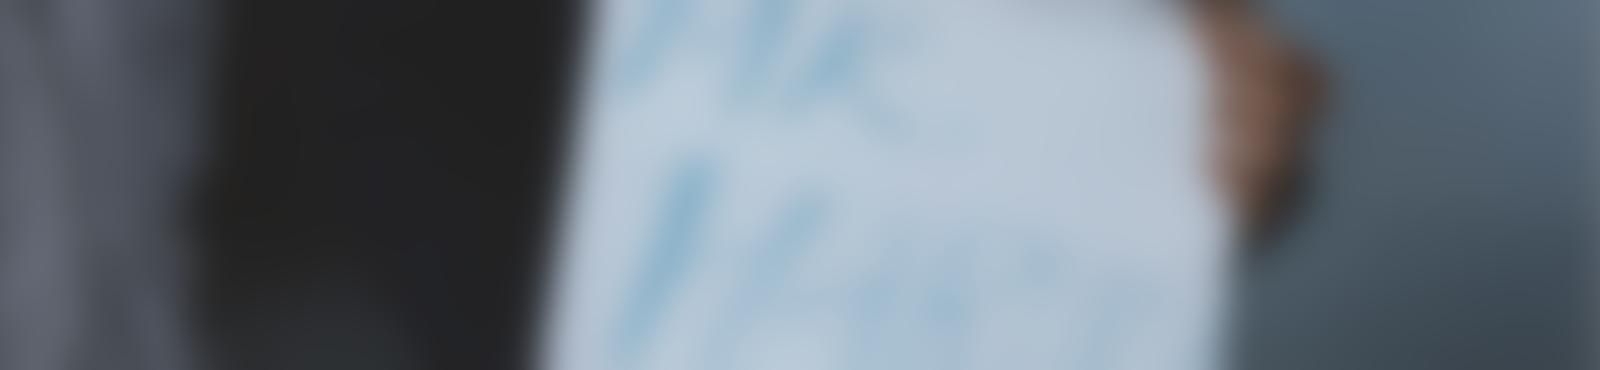 Blurred 3caef8cd 6b1c 4cec 8fe7 bd91b57b5621